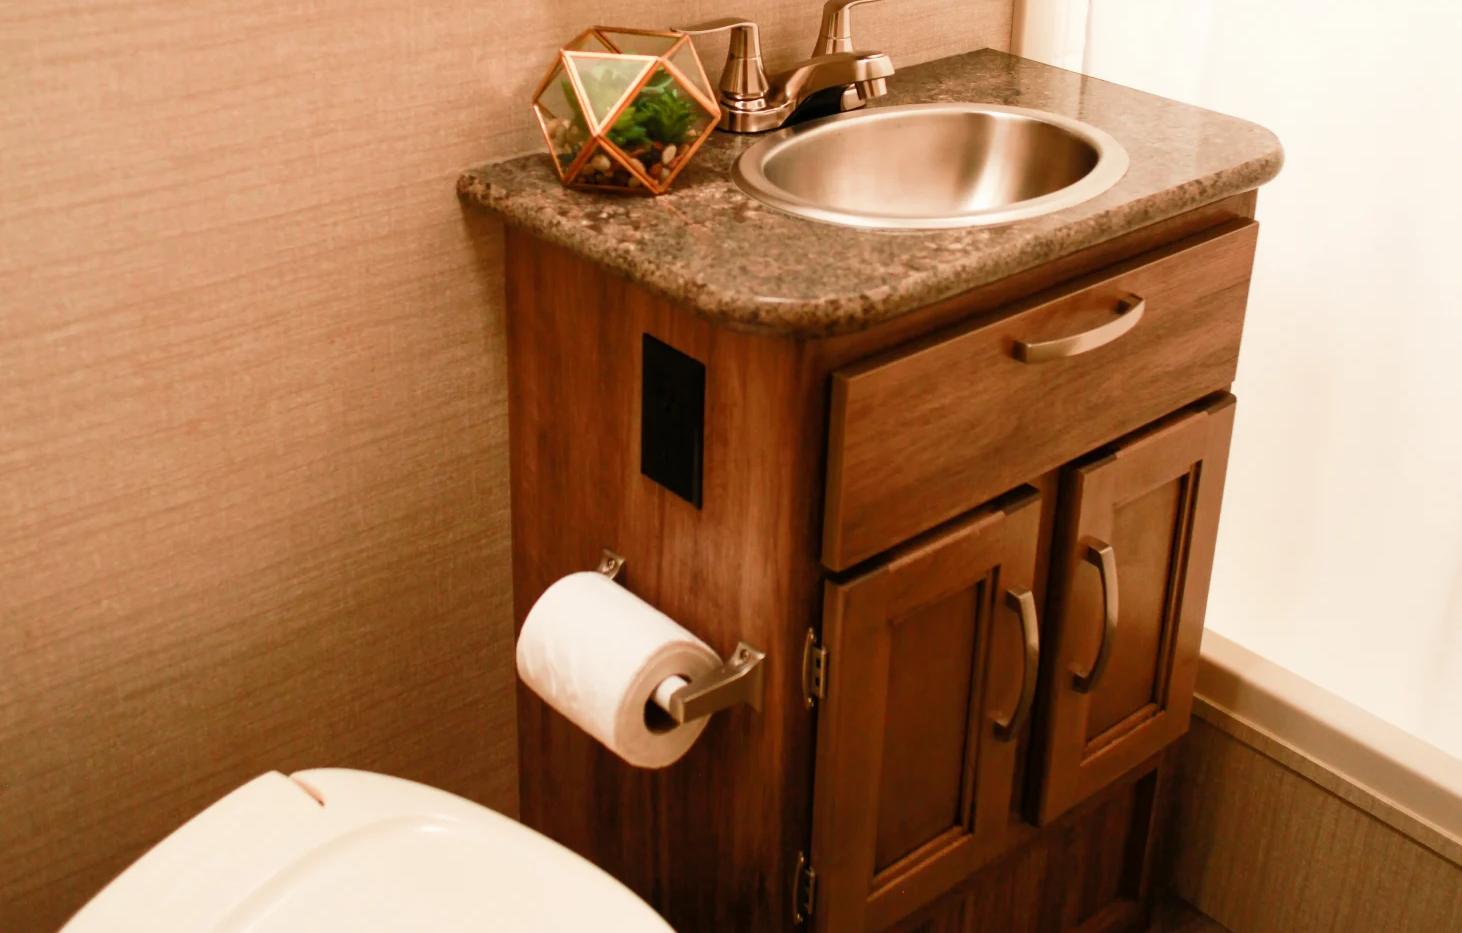 RV Rental Jayco Redhawk Bathroom Shower